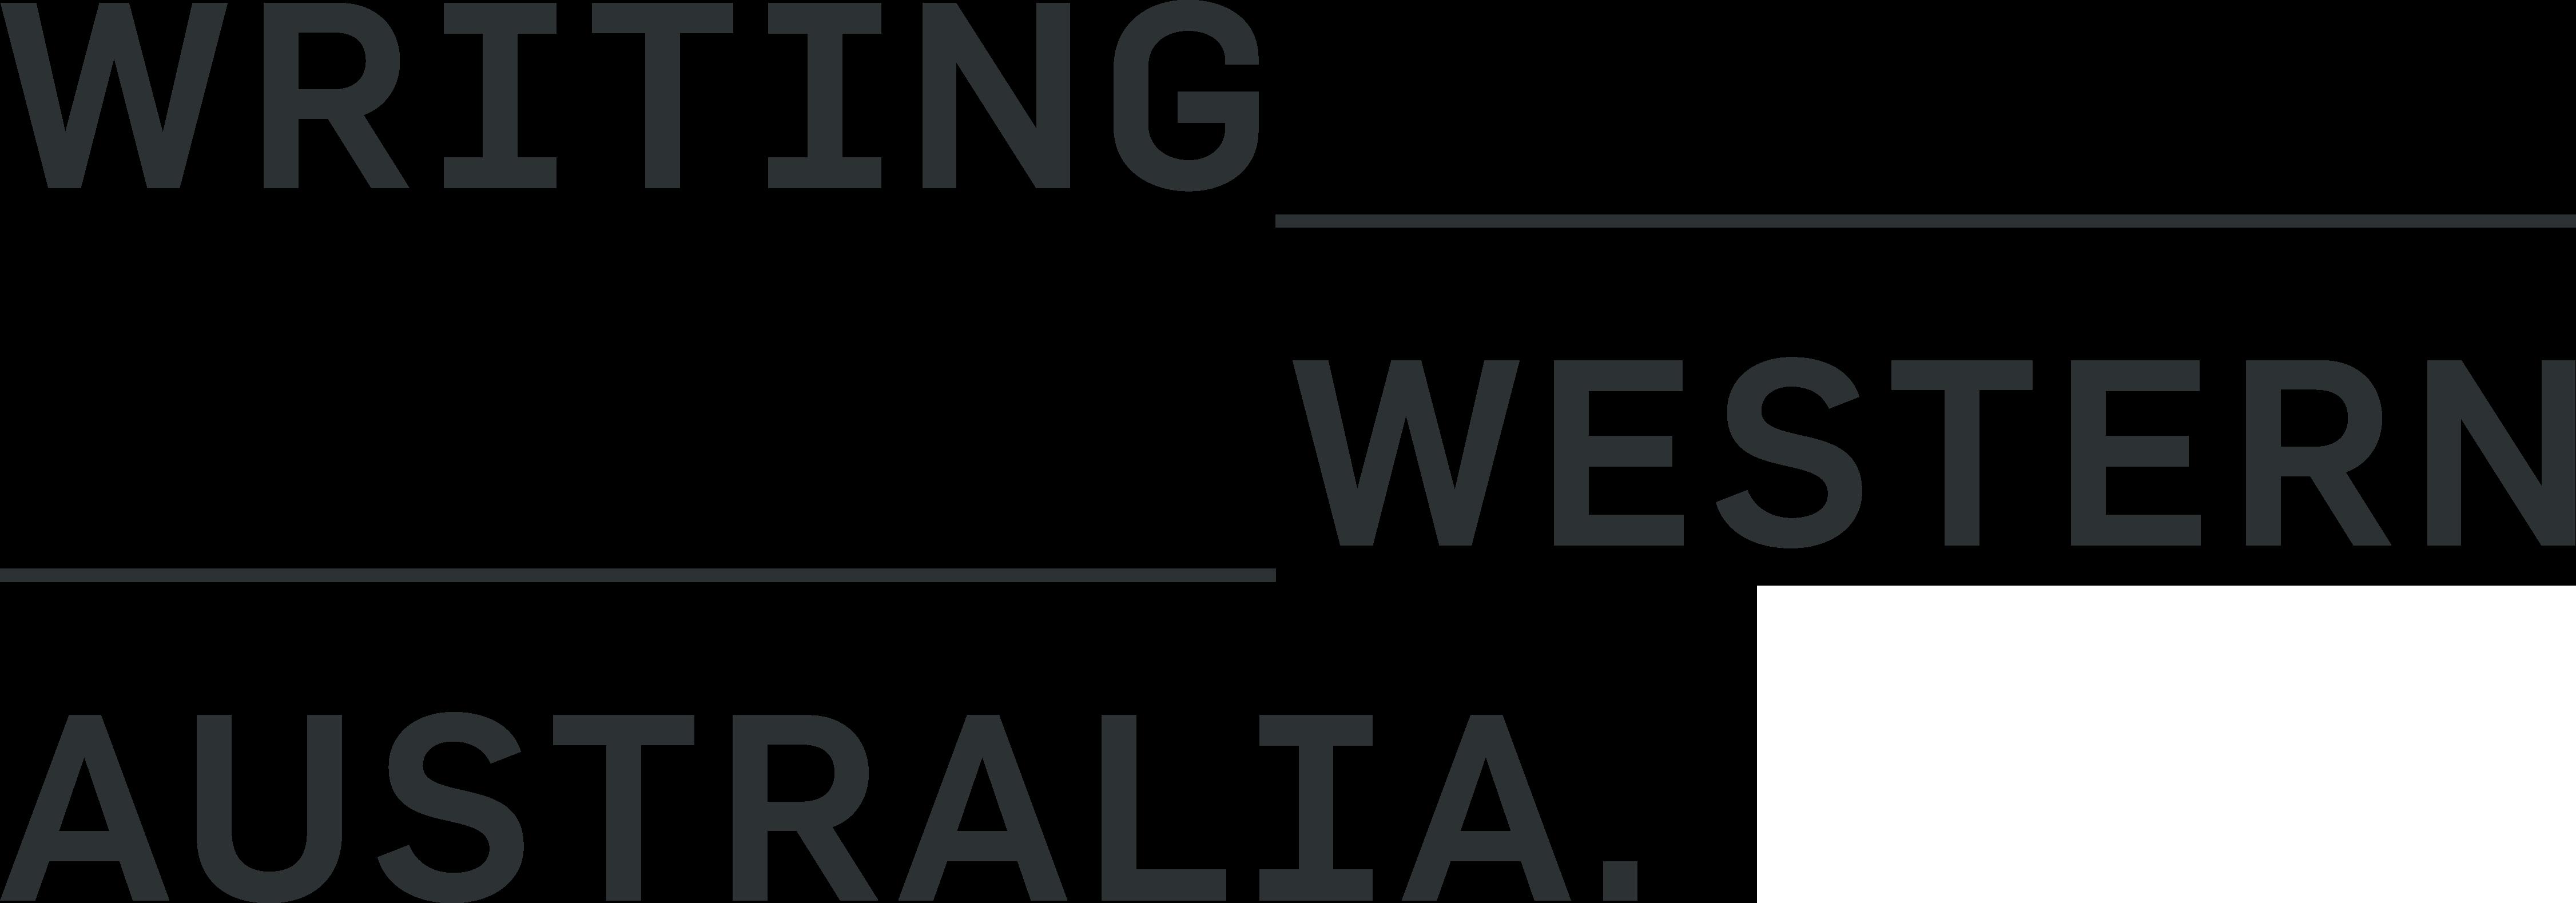 UWRF Perth